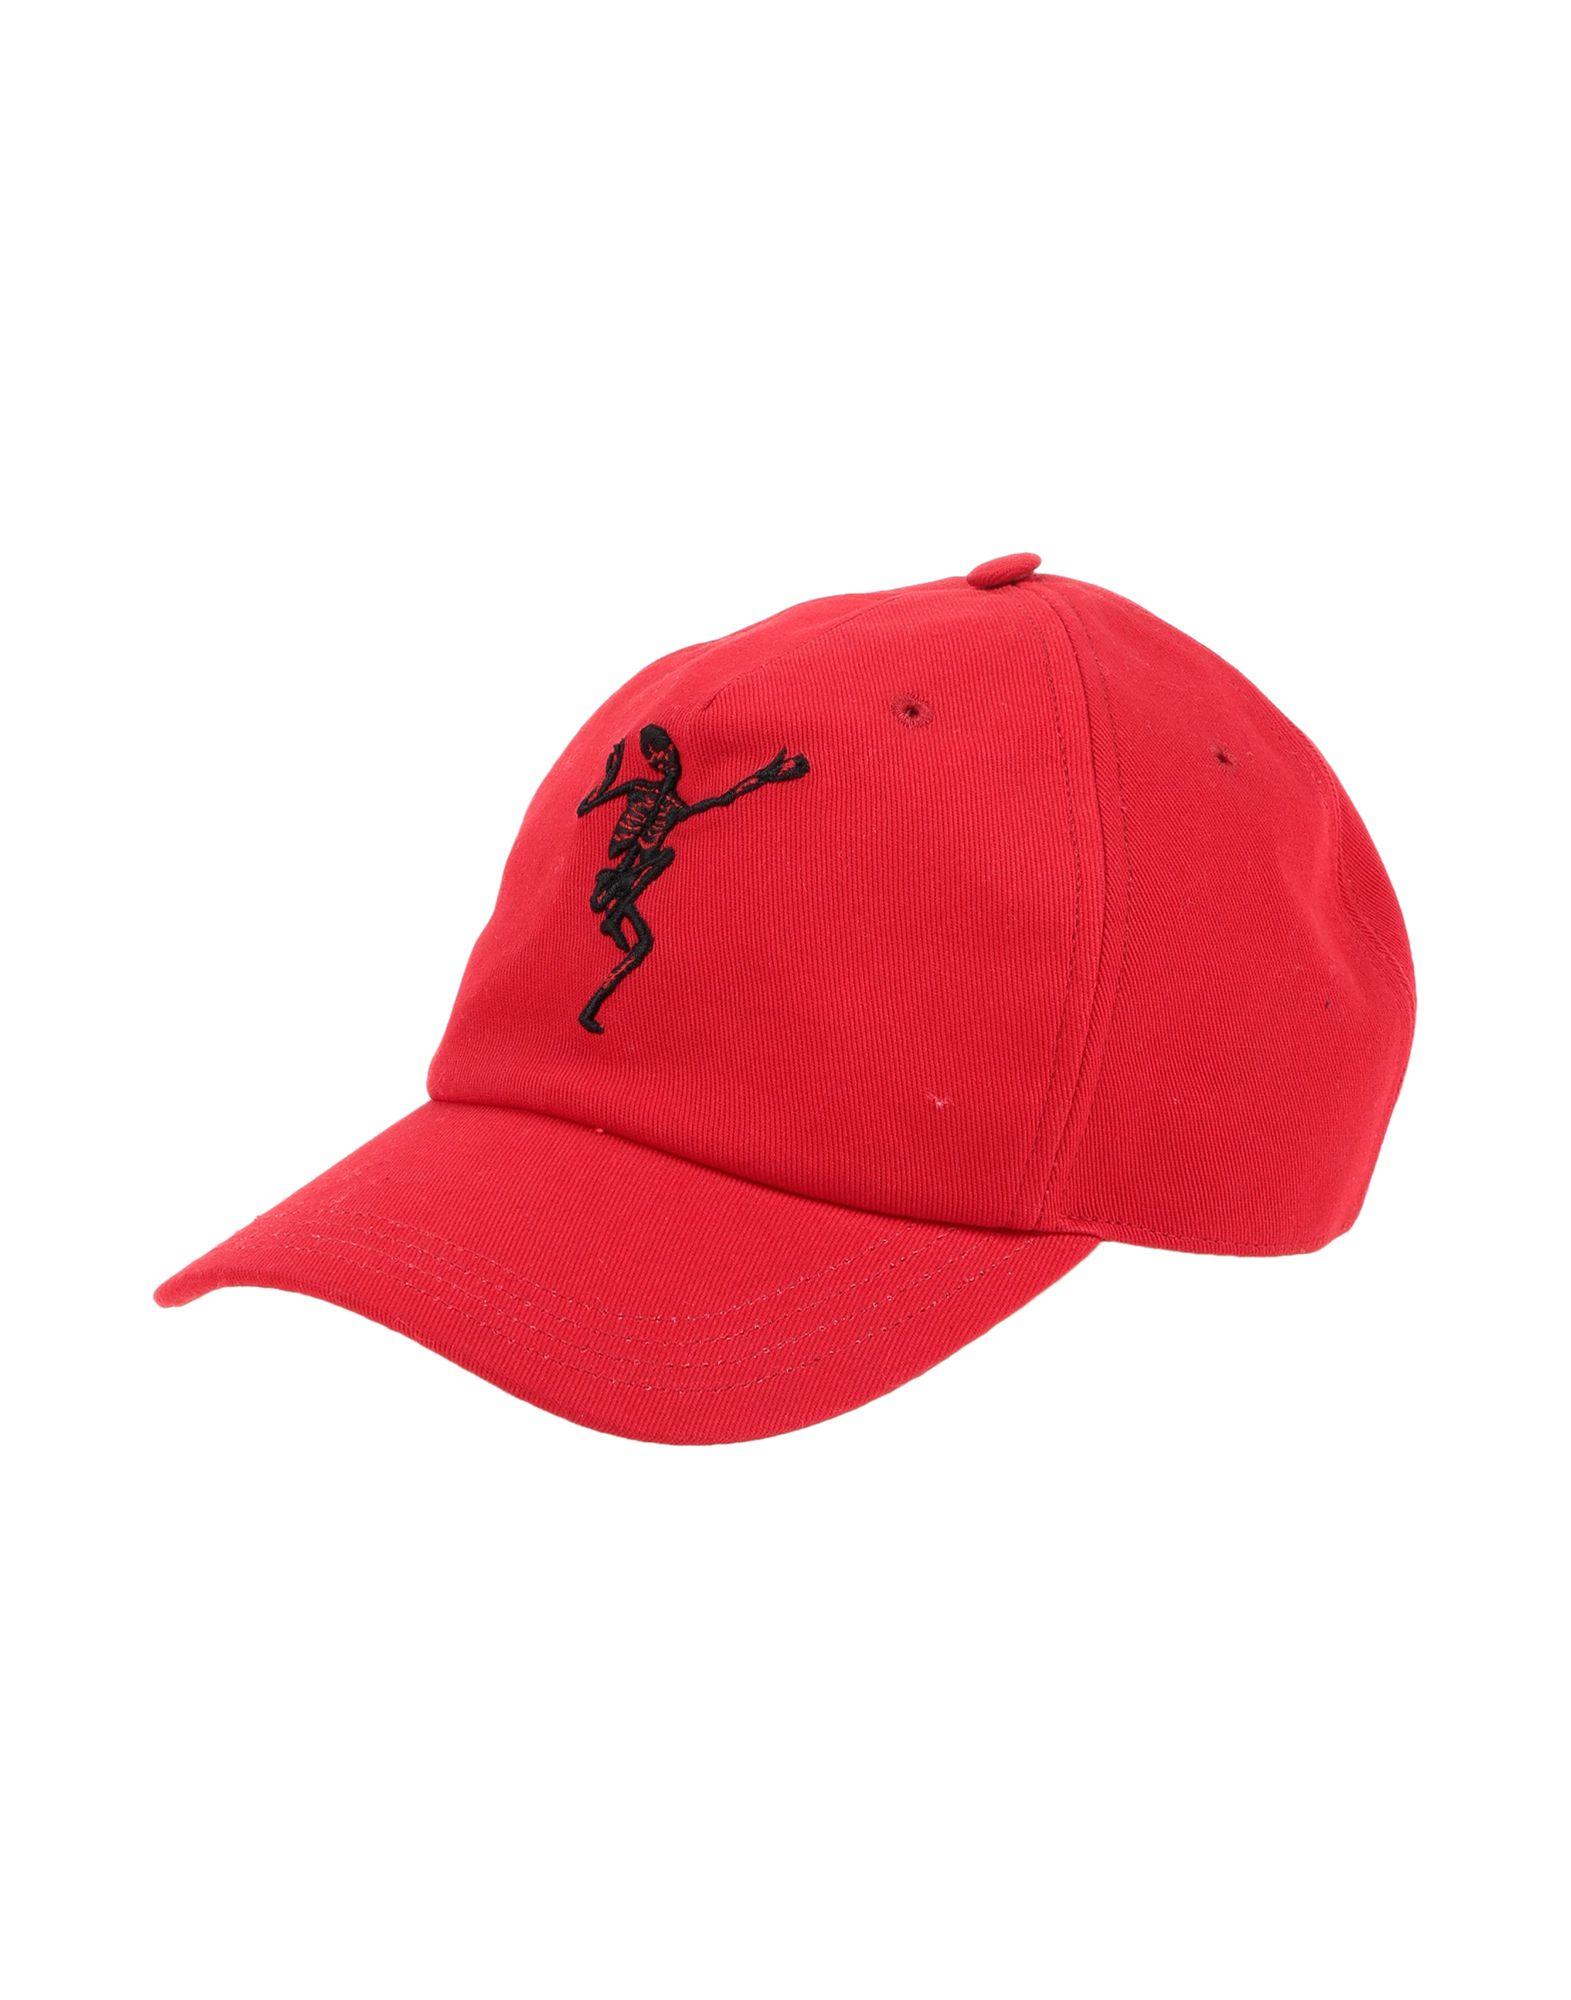 Alexander Mcqueen Hat - Men Alexander Mcqueen Hats online on YOOX ... a06a0f9b7255